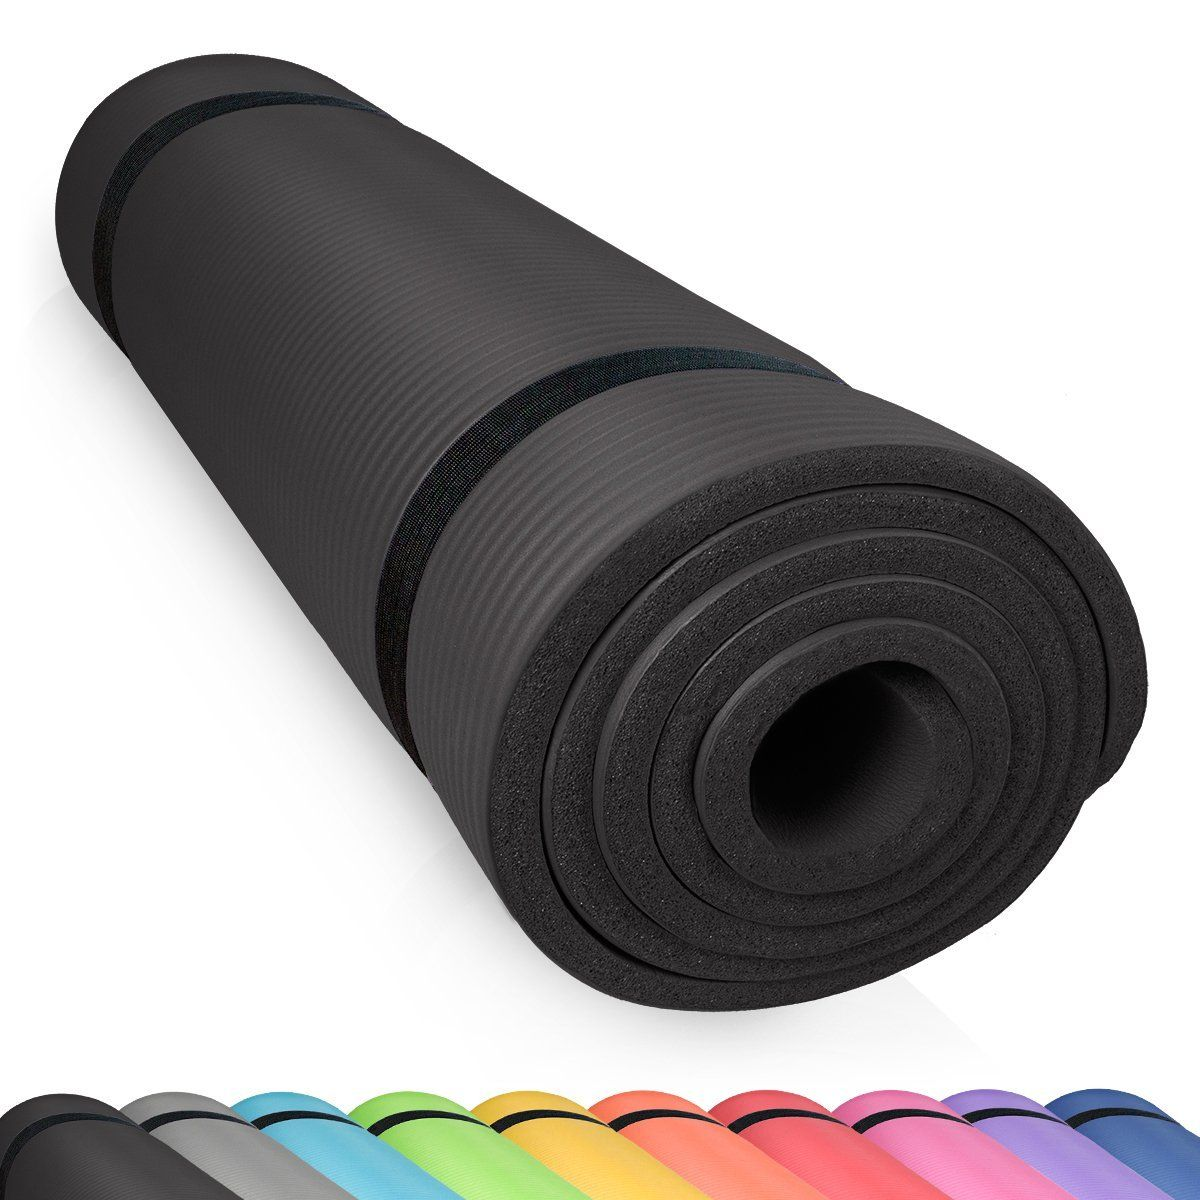 Extra Epais 10 mm // 15 mm Parfait pour des Exercices au Sol Les Pilates Le Camping des Stretching 180 x 60 cm Le Gym des Abdominaux TechFit Tapis de Yoga et Fitness